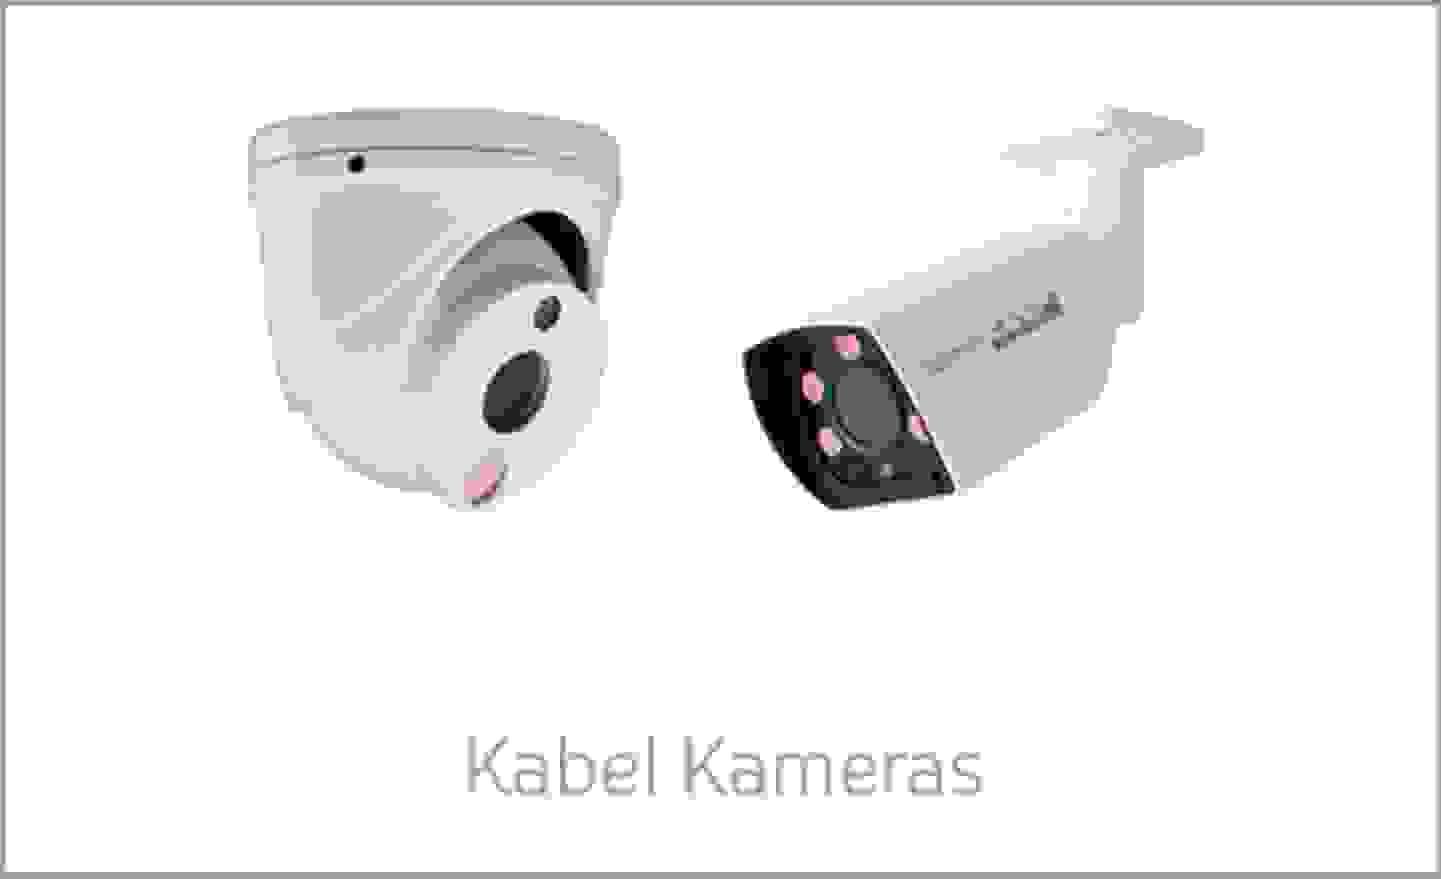 Sygonix Kabel Kameras